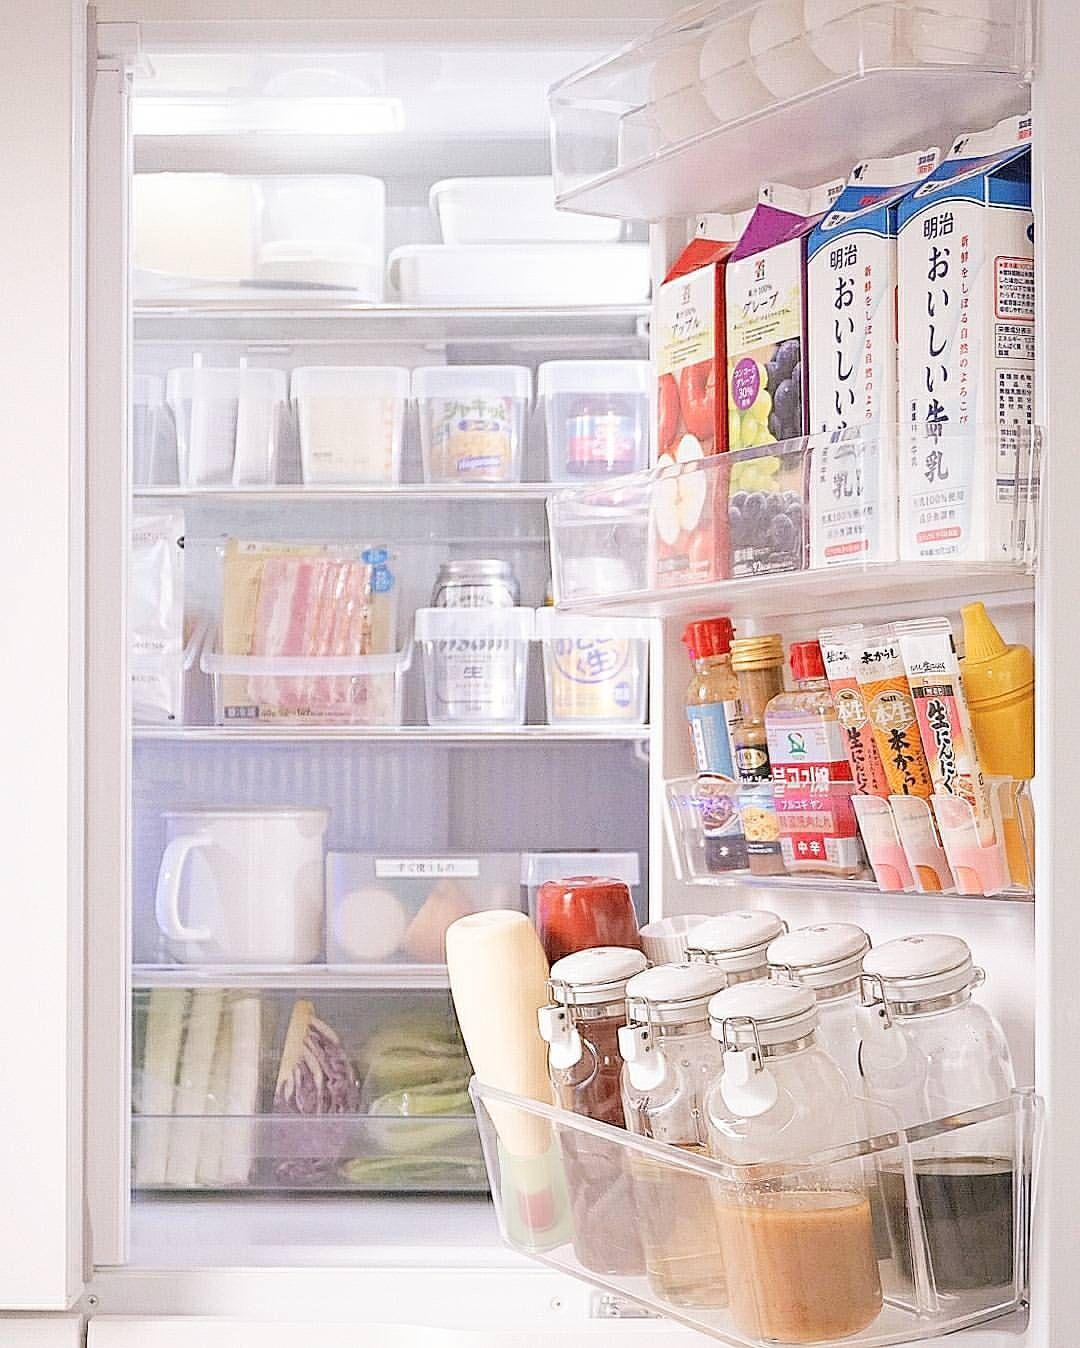 冷蔵庫収納 ドアポケット 調味料ボトルをセラーメイトに統一してラベリング 注いでいる時にパタンと蓋が落ちてこないことと片手で気軽に扱えること シンプルが美しいデザインが魅力的 立てていても冷蔵庫のドアを開閉するたびにいちいち倒れてくることが